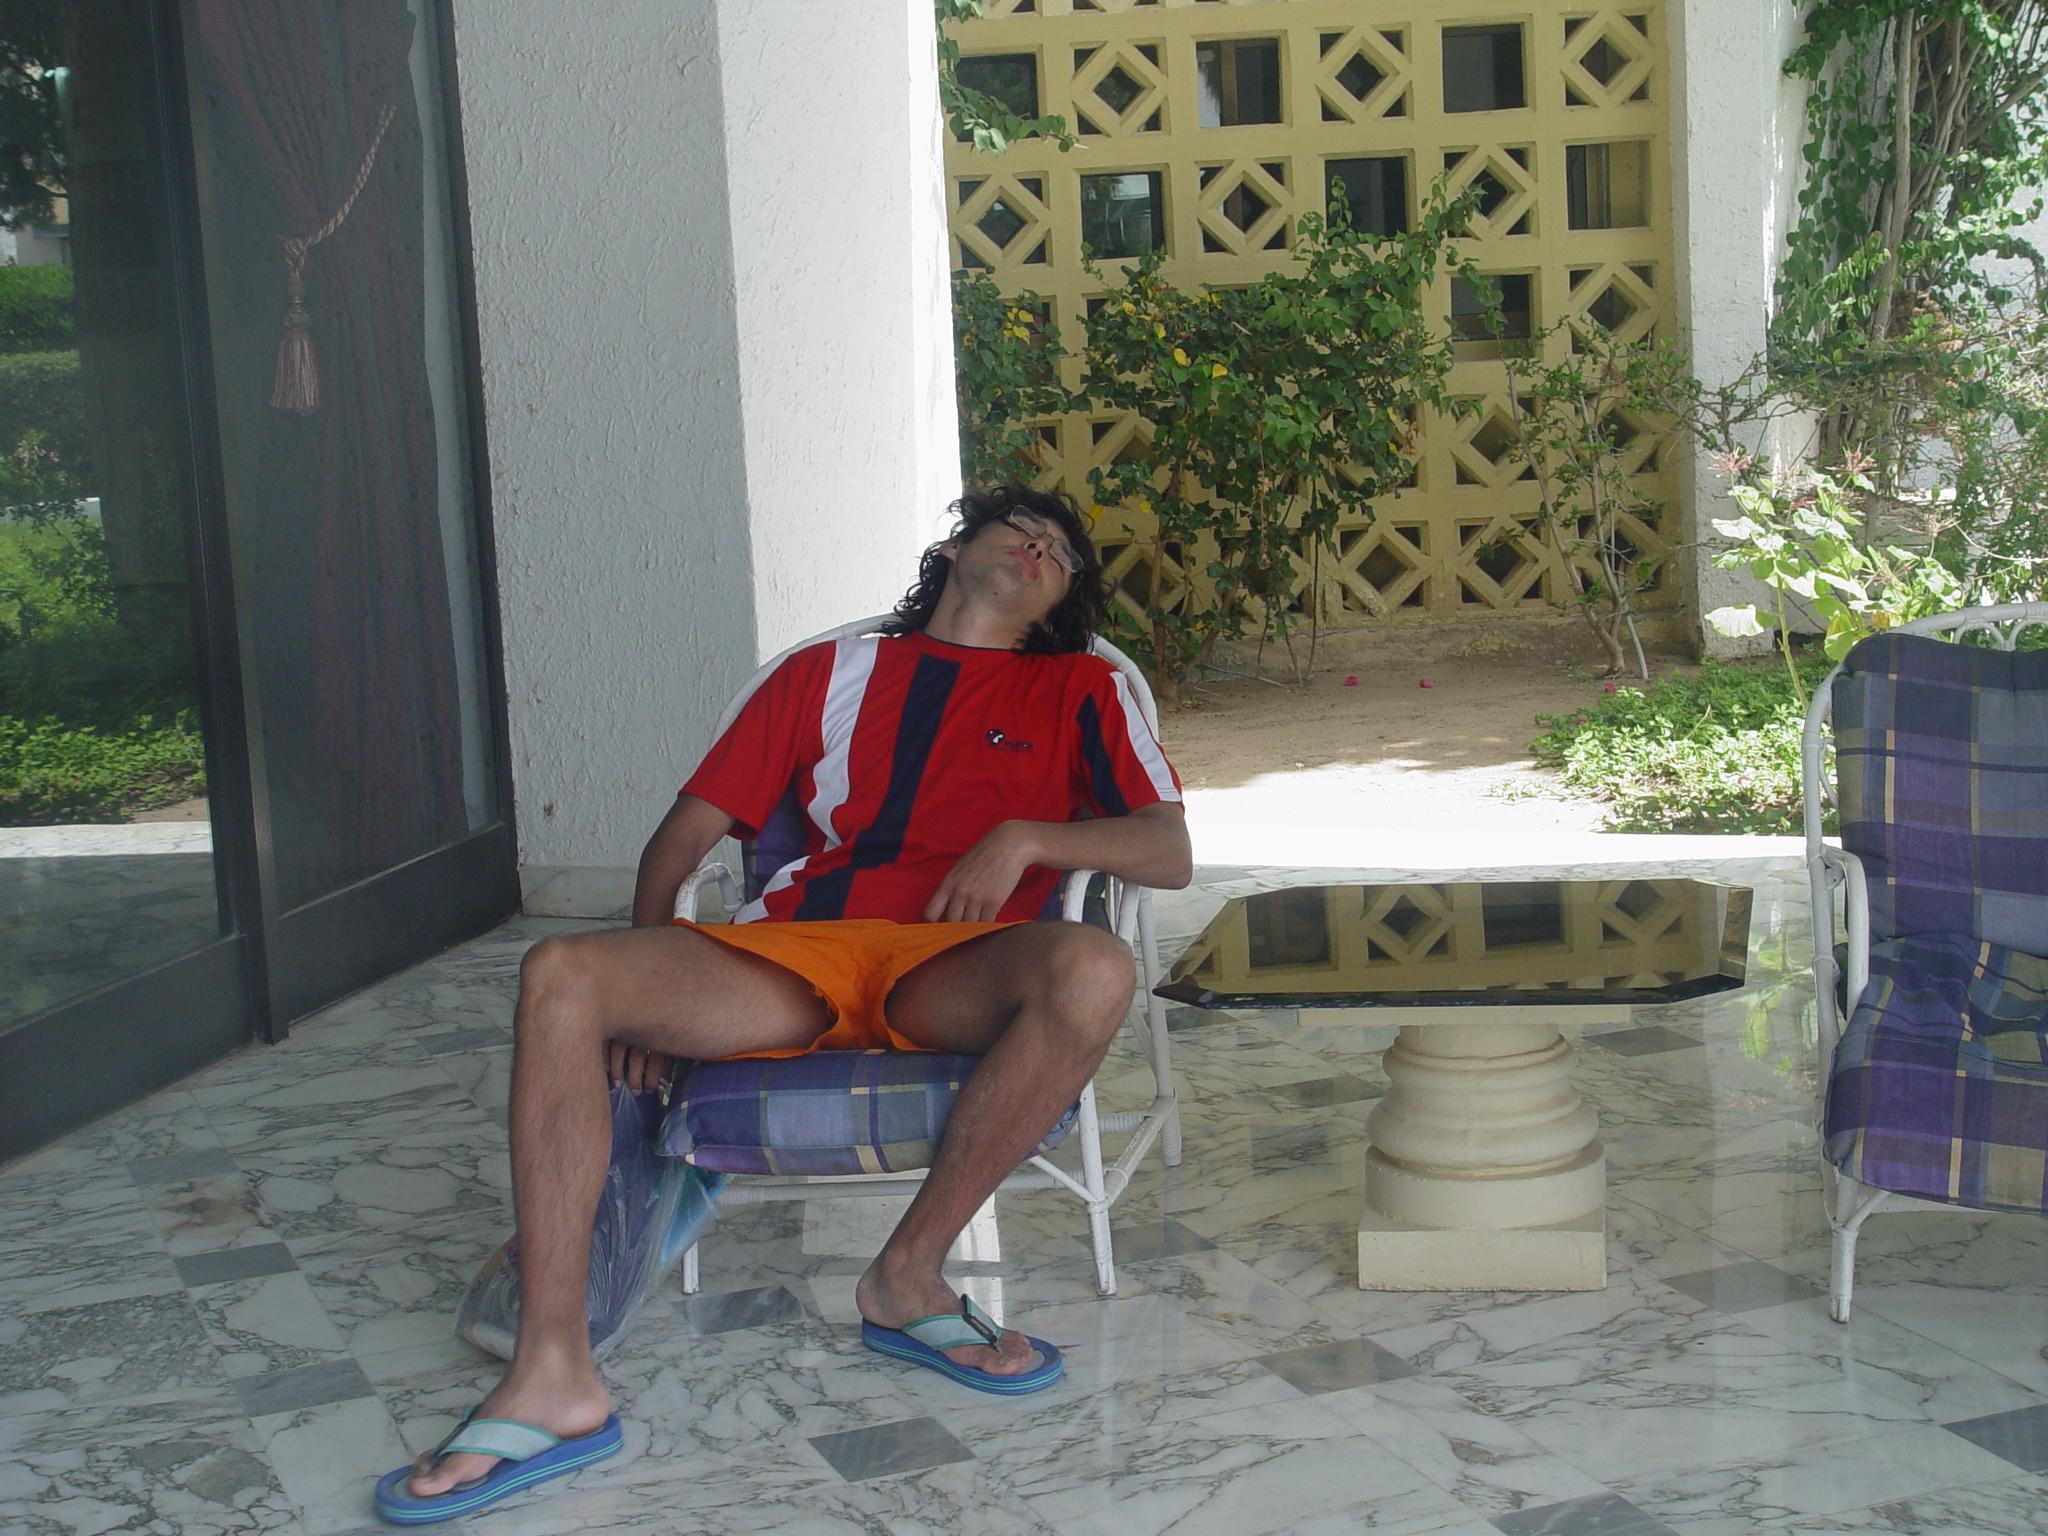 Устал отдыхать!. Отдыхать - не работать! Заработал - отдохни!